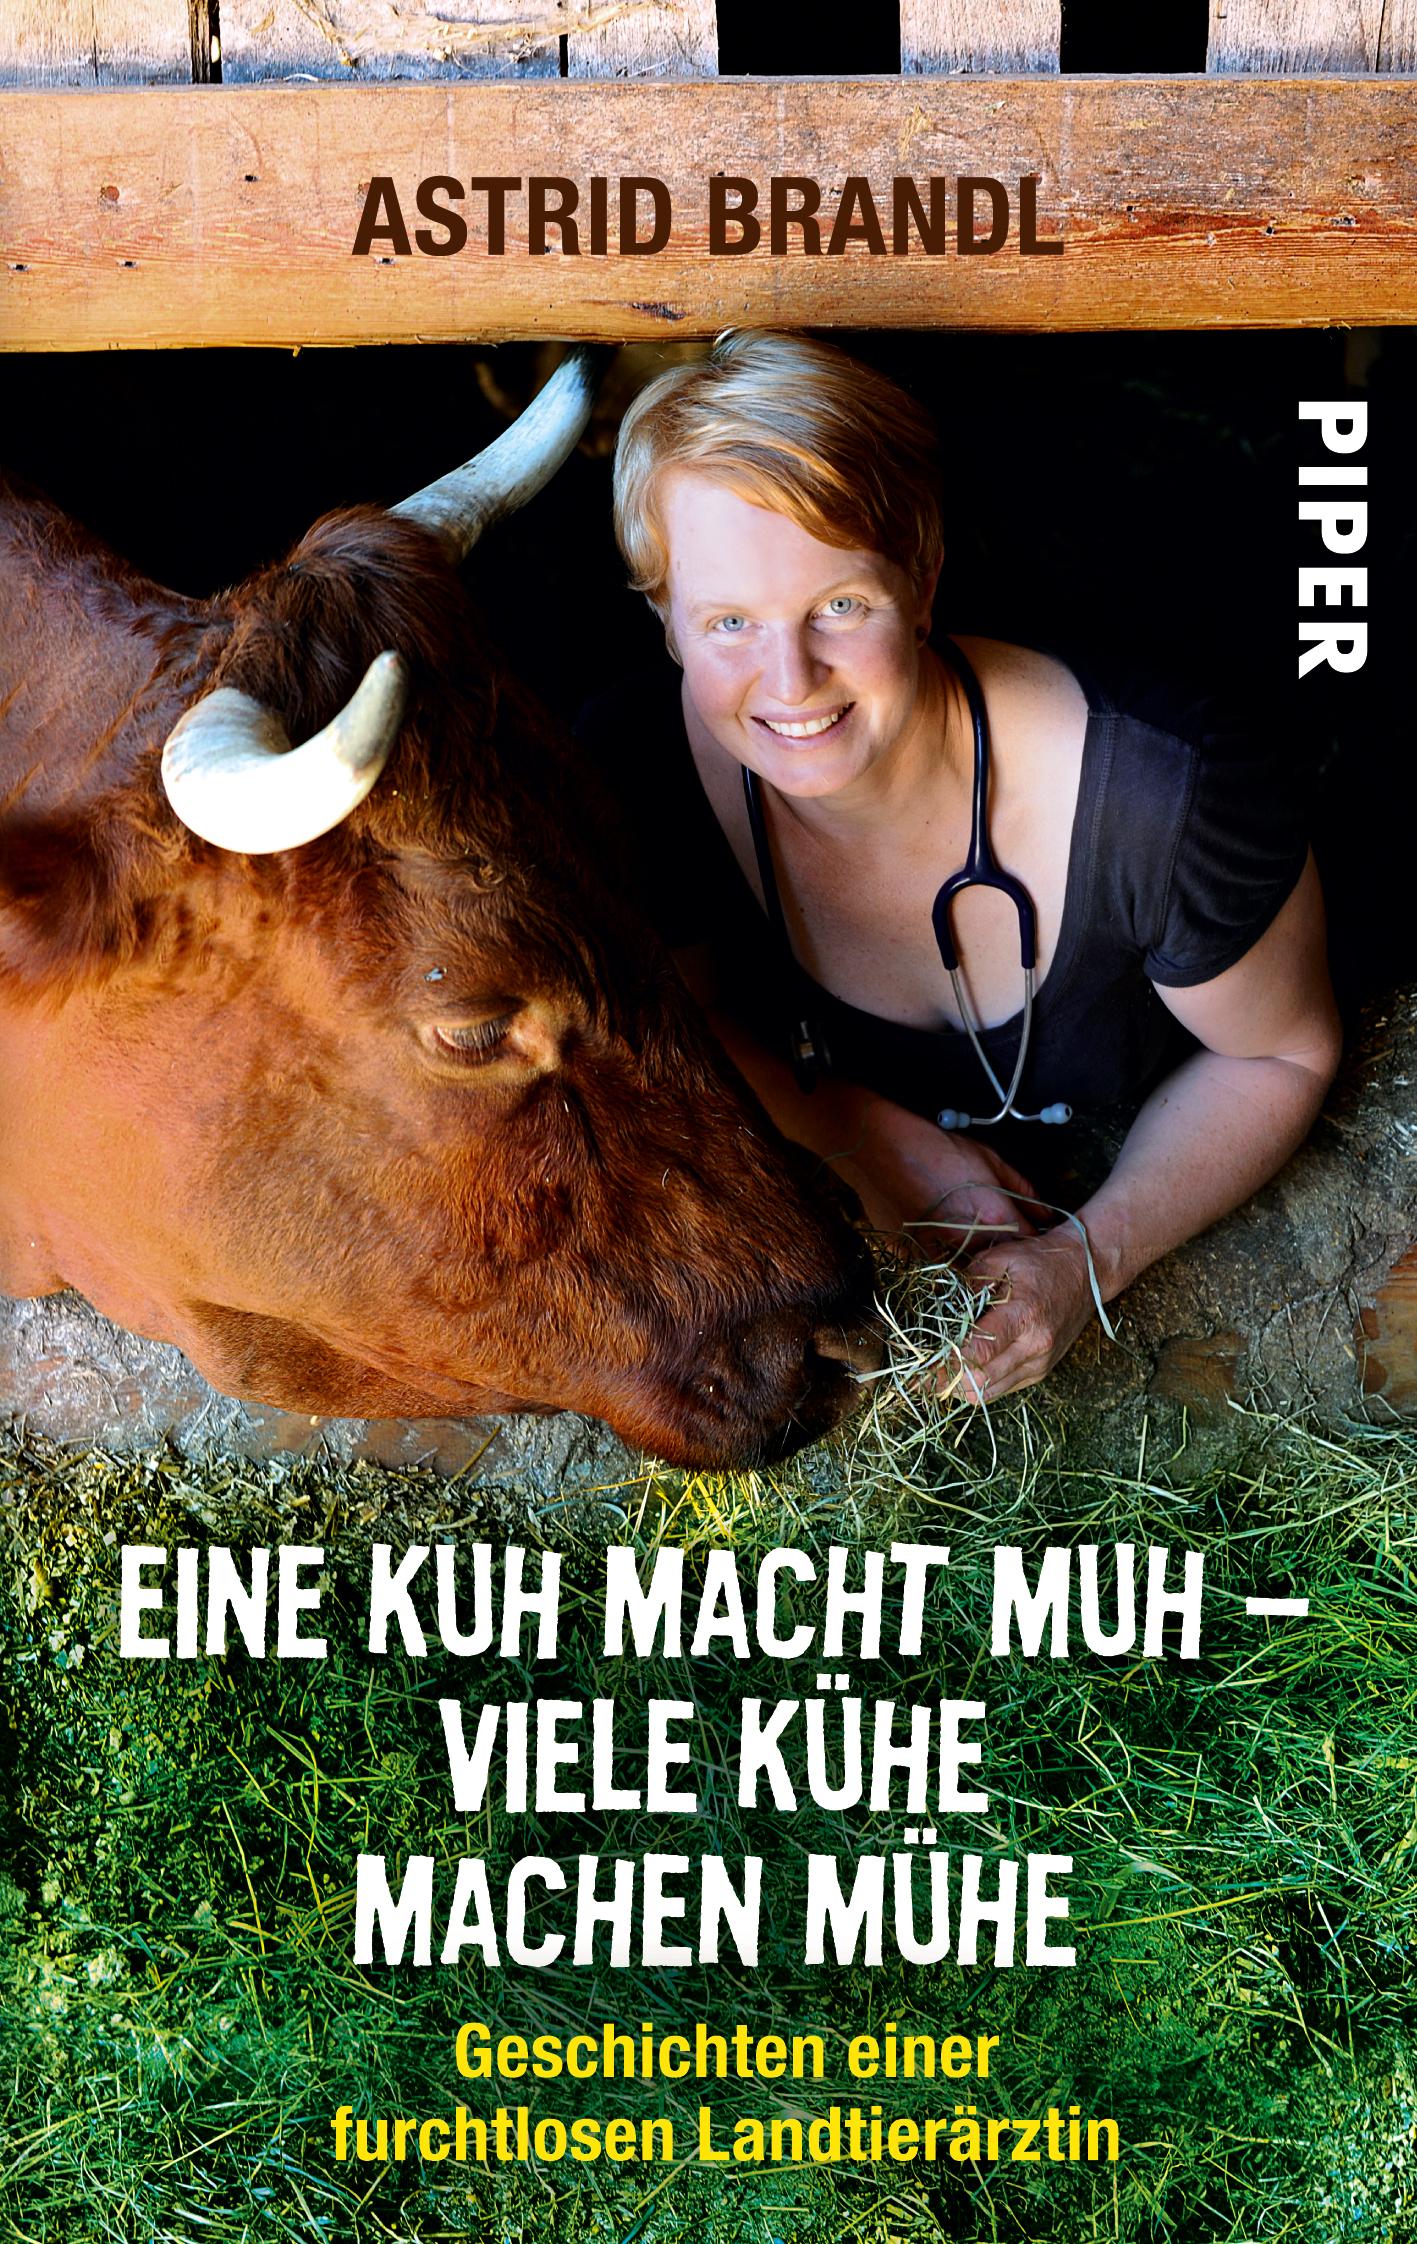 Stall kuh redewendung im lassen Diskussion:Deutsche Sprichwörter